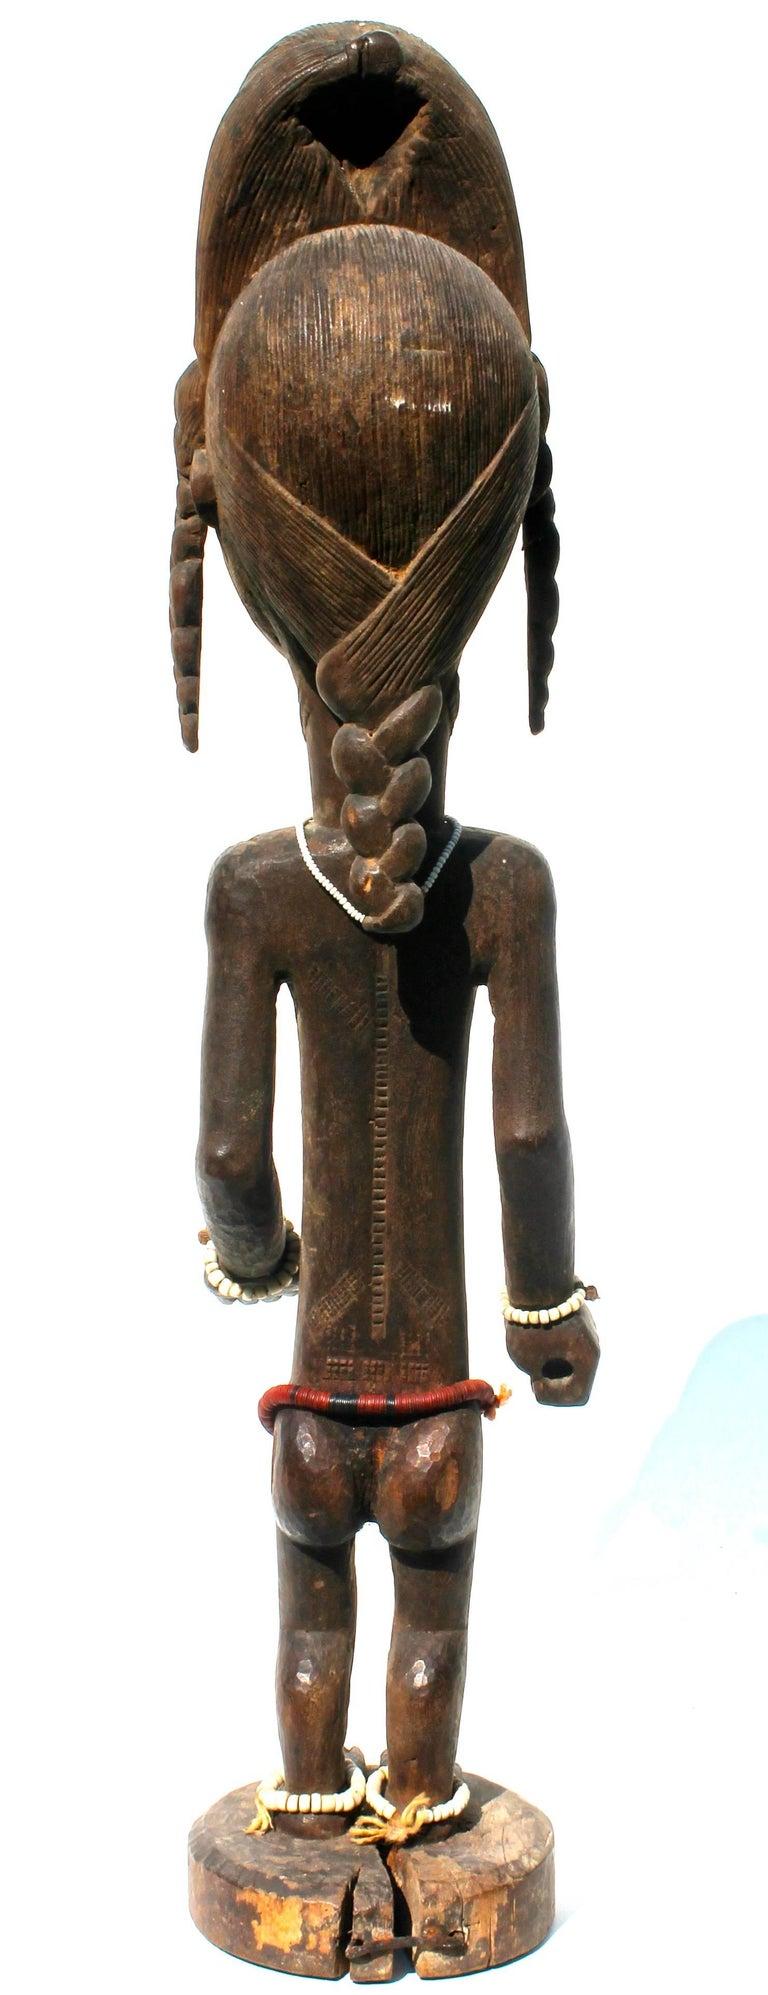 Ivorian Baule Female Carved Wood Figure, African Sculpture Sotheby's Provenance For Sale